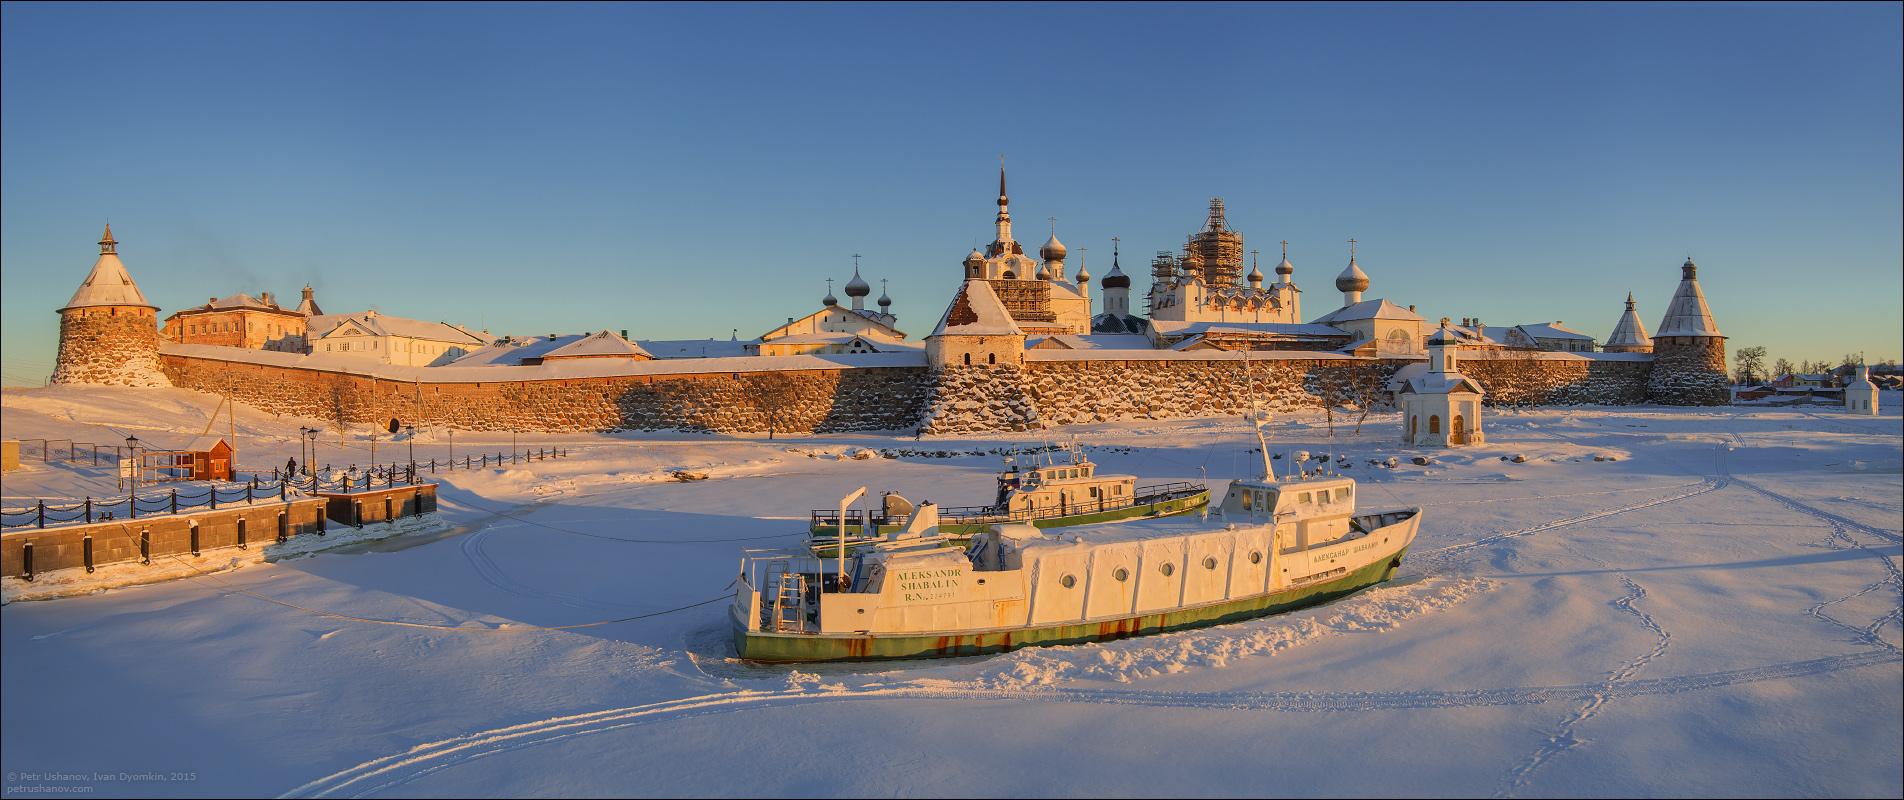 Соловки — Красота зимнего сурового севера